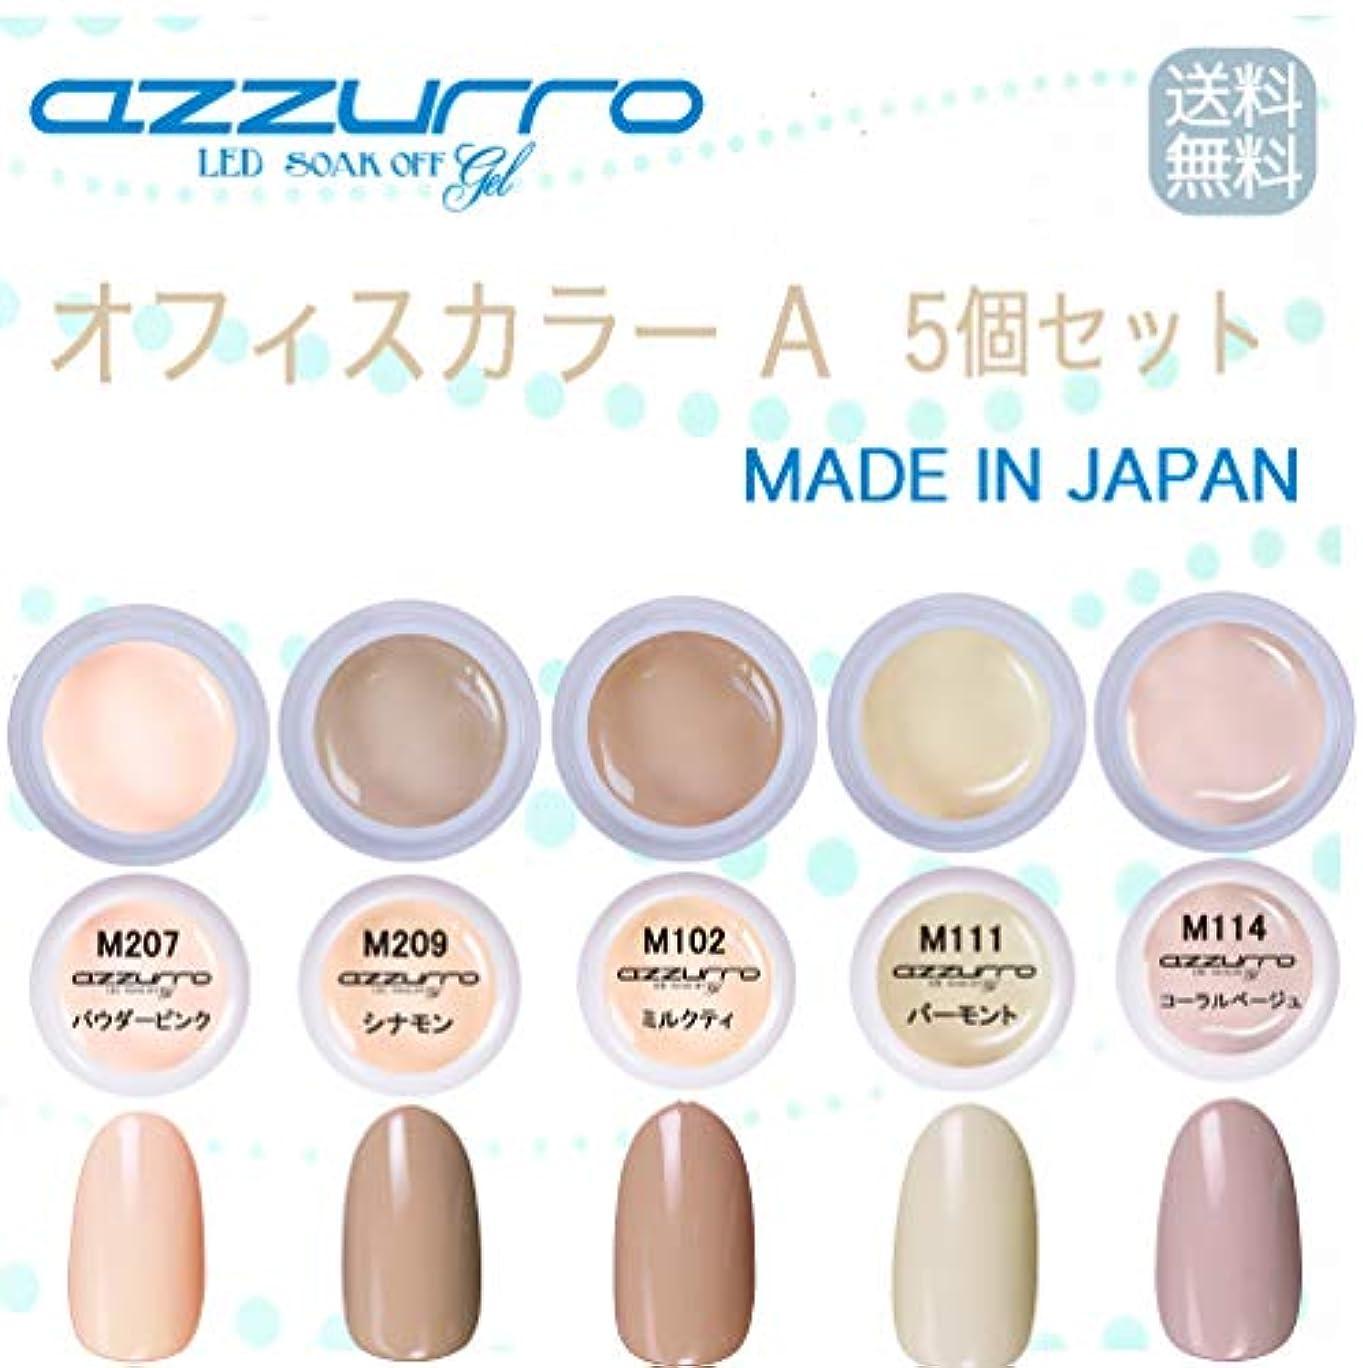 ローブ罪毛細血管【送料無料】日本製 azzurro gel オフィスカラージェルA5個セット オフィスでも人気のカラーをセット